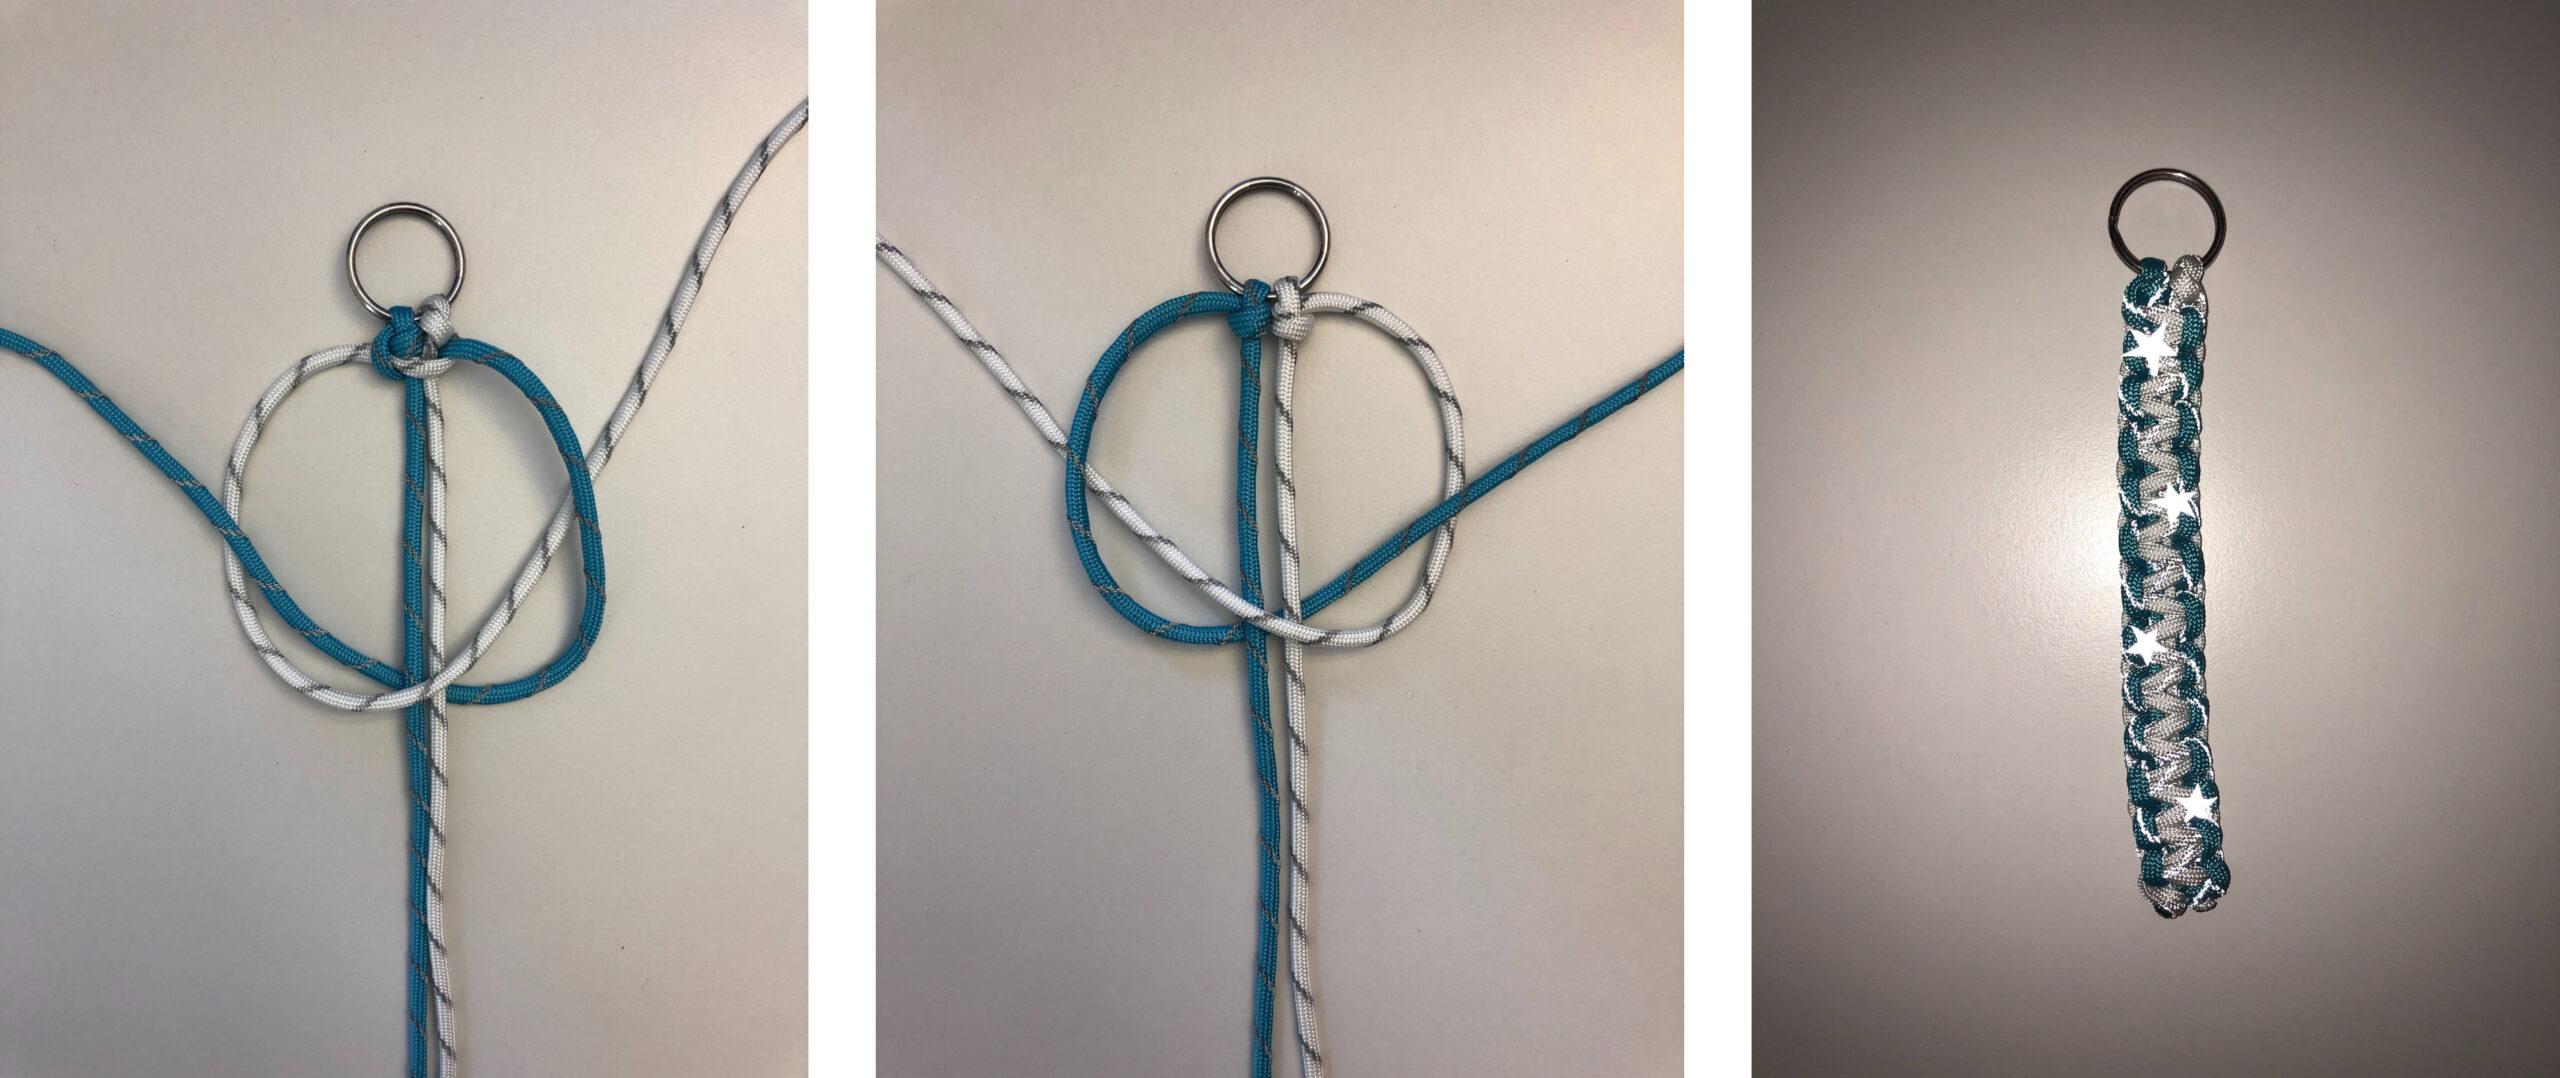 Istruzioni fai da te per un tragitto casa-scuola più sicuro: istruzioni passo passo per intrecciare il Paracord con nodi a cobra e fare scooby doo da zaino o braccialetti